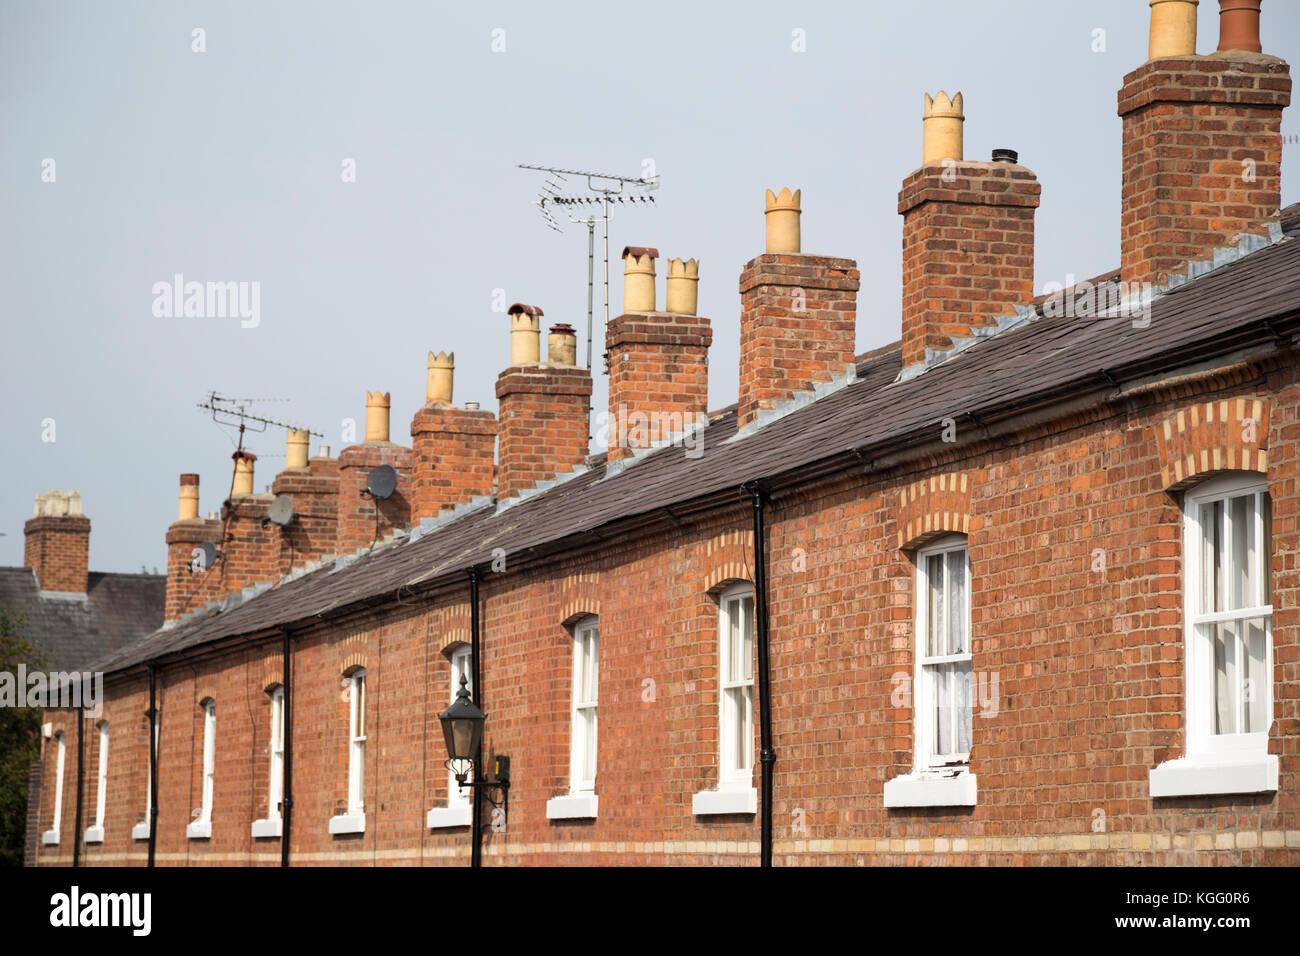 UK, Chester, identicle Dächer und Häuser. Stockfoto